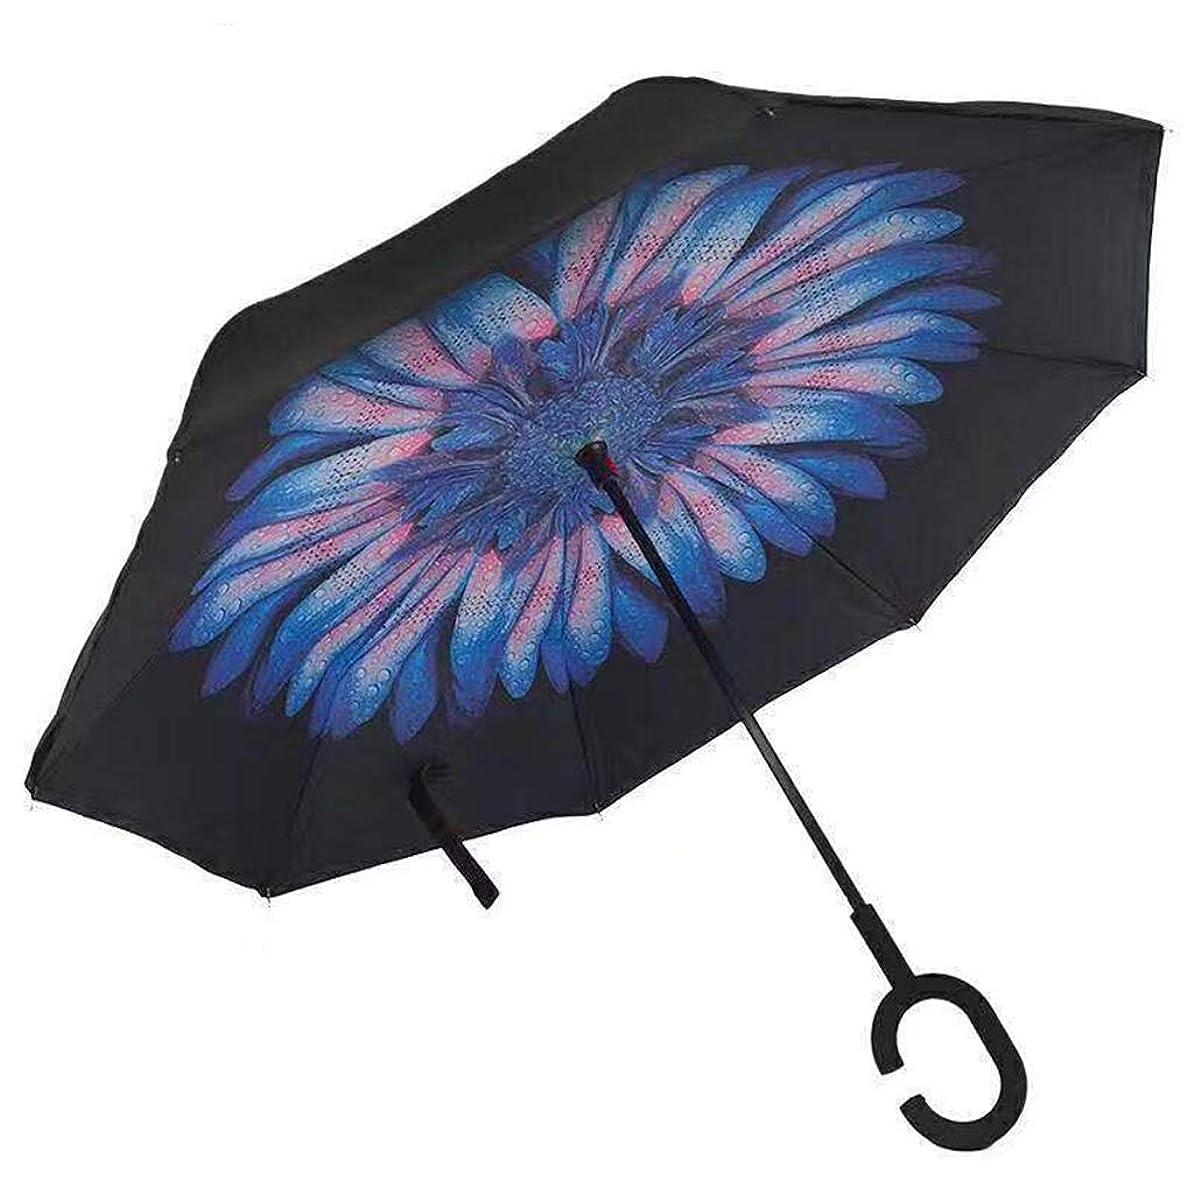 プレフィックス衝突おじいちゃんYSYYSH 傘逆傘ハンズフリーロングハンドル傘C字型ハンドルは保持しやすく、速くて乾燥したランダム花柄124CM×80CMに快適です クラシック傘